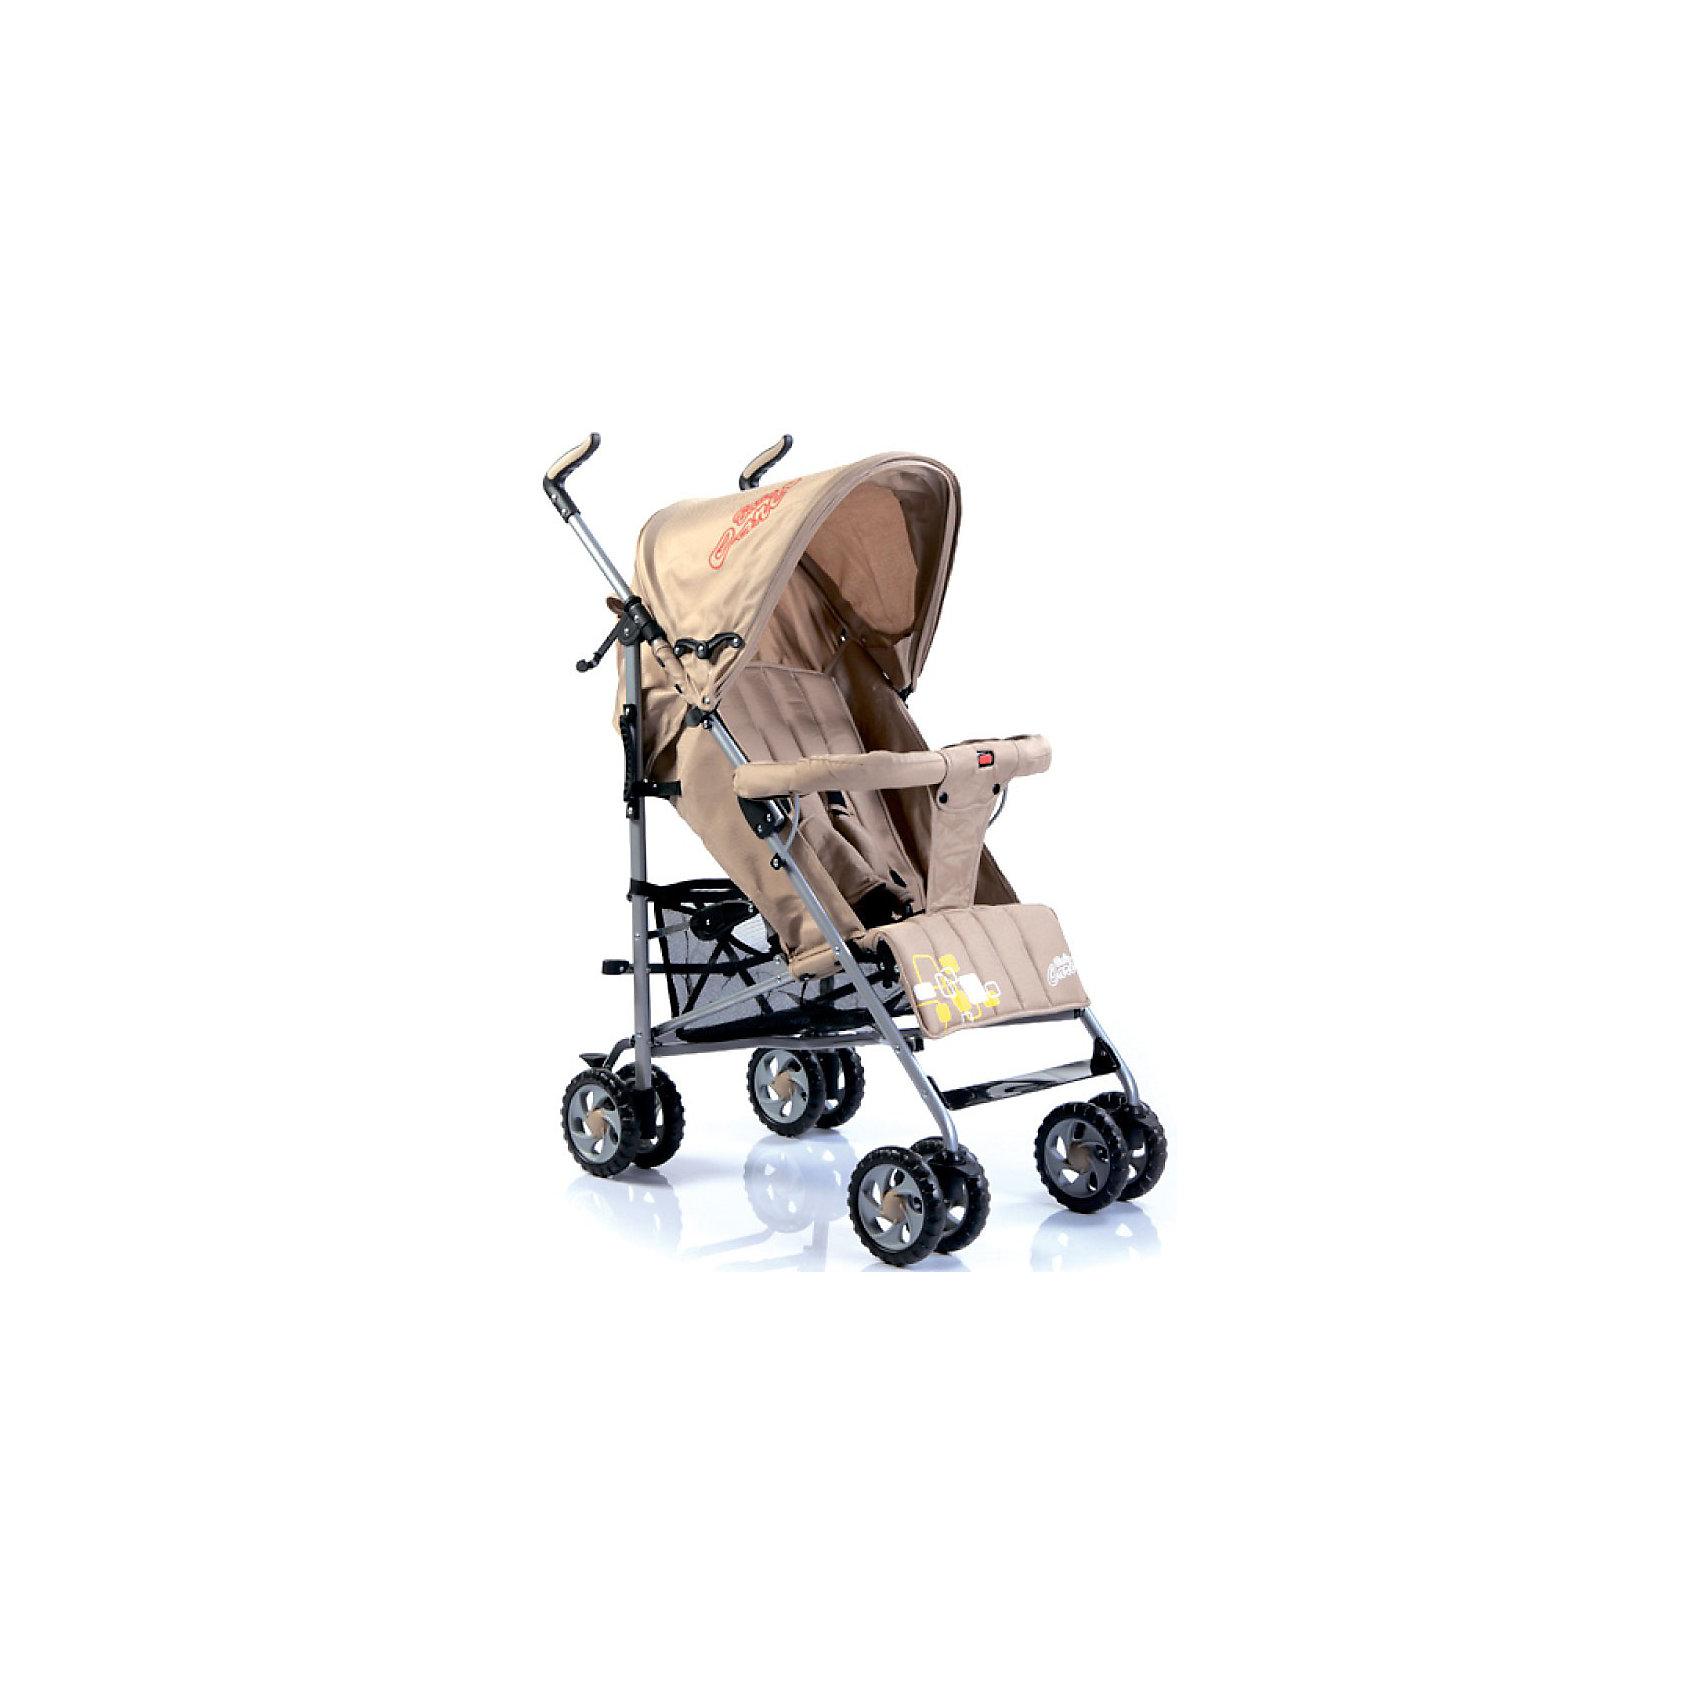 Коляска-трость CityStyle, Baby Care, бежевыйХарактеристики коляски-трости CityStyle Baby Care:<br><br>• спинка коляски регулируется плавно, несколько положений;<br>• имеются 5-ти точечные ремни безопасности;<br>• имеется бампер и мягкий разделитель для ножек;<br>• капюшон оснащен солнцезащитным козырьком;<br>• чехлы прогулочного блока съемные, стираются при температуре 30 градусов.<br><br>Характеристики шасси коляски CityStyle Baby Care:<br><br>• тип складывания: трость;<br>• материал рамы: алюминий;<br>• сдвоенные колеса, передние поворотные;<br>• фиксатор от раскладывания, механический крючок;<br>• сетчатая корзина для покупок;<br>• стояночный ножной тормоз.<br><br>Размеры коляски:<br><br>• размер в разложенном виде: 50х68х105 см;<br>• вес коляски: 6,2 кг;<br>• ширина сиденья: 34 см;<br>• глубина сиденья: 32 см;<br>• длина спального места: 78 см;<br>• ширина колесной базы: 47 см;<br>• диаметр колес: 15 см;<br>• размер упаковки: 100,5х20х27 см;<br>• вес упаковки: 7,5 кг.<br><br>Коляска-трость предназначена для детей в возрасте от 7 месяцев до 3-х лет. Легкая и маневренная прогулочная коляска подходит для путешествий. Наклон спинки коляски плавно регулируется 5 положениях. Коляска оснащена страховочным бампером и ремнями безопасности. Глубокий капор защищает малыша от солнечных лучей и небольших осадков. <br><br>Коляску-трость CityStyle, Baby Care, бежевую можно купить в нашем интернет-магазине.<br><br>Ширина мм: 1070<br>Глубина мм: 350<br>Высота мм: 300<br>Вес г: 7400<br>Цвет: бежевый<br>Возраст от месяцев: 6<br>Возраст до месяцев: 48<br>Пол: Унисекс<br>Возраст: Детский<br>SKU: 3534865